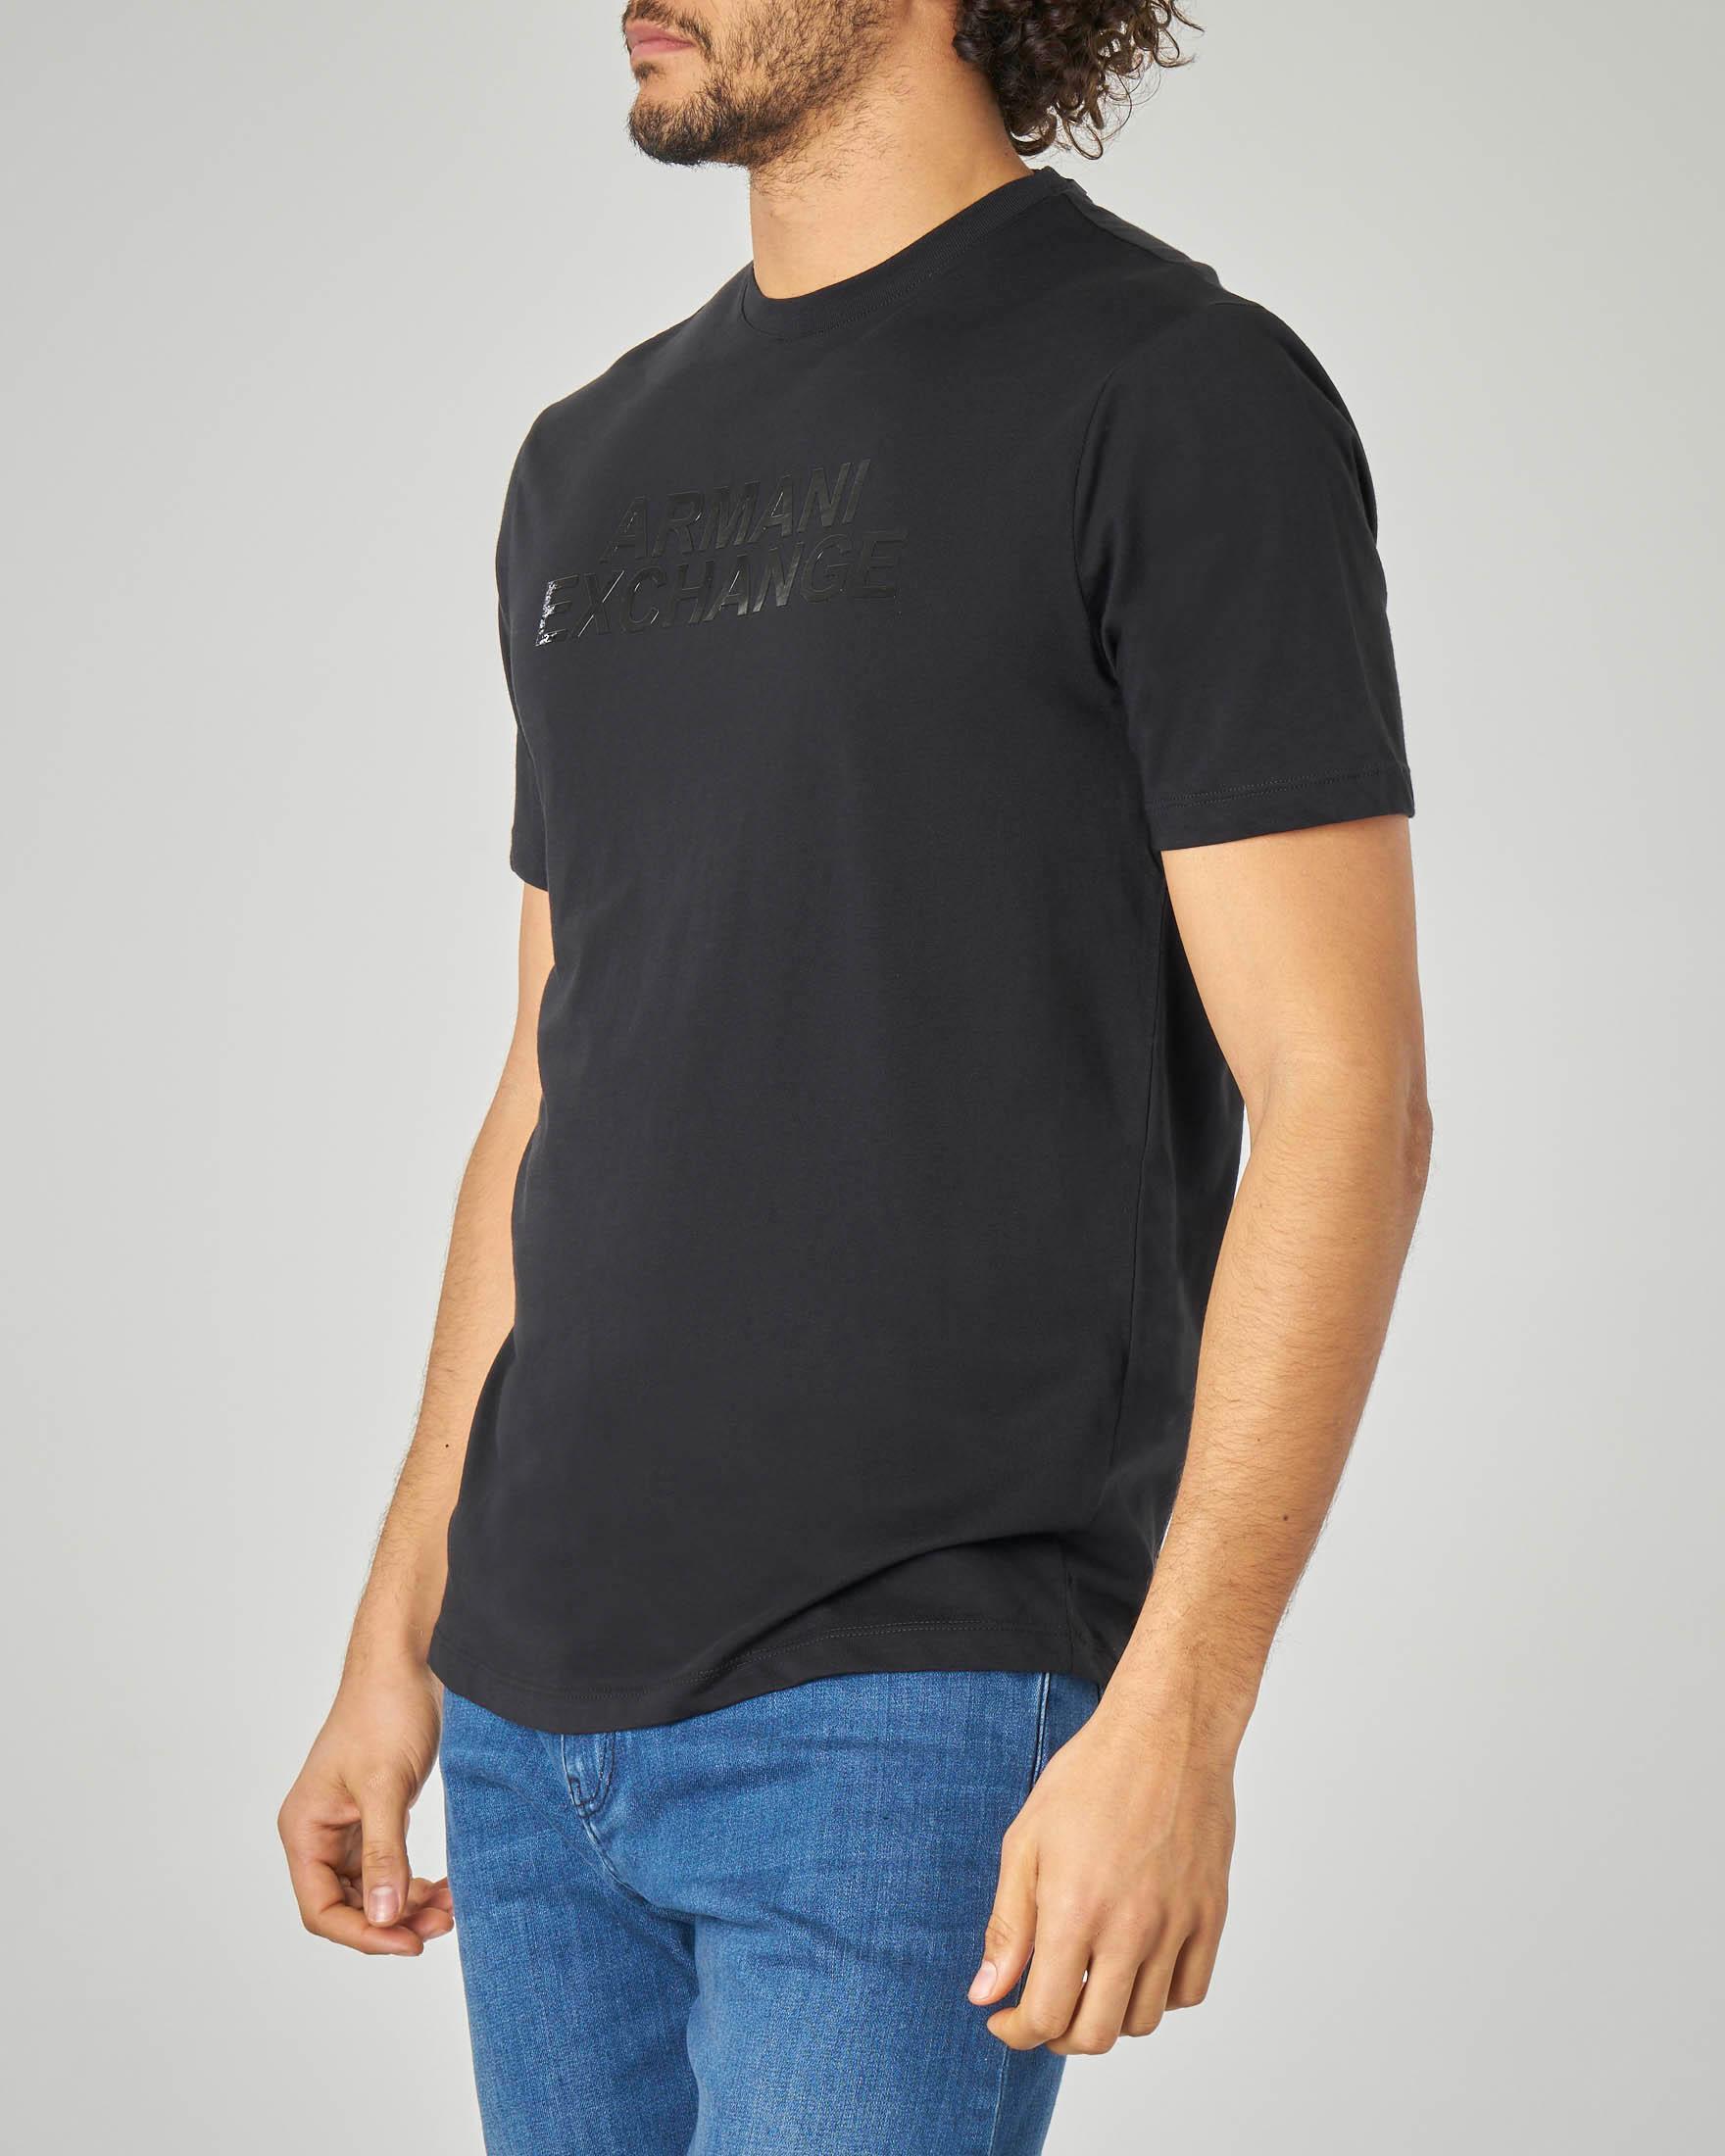 T-shirt nera con stampa in rilievo tono su tono